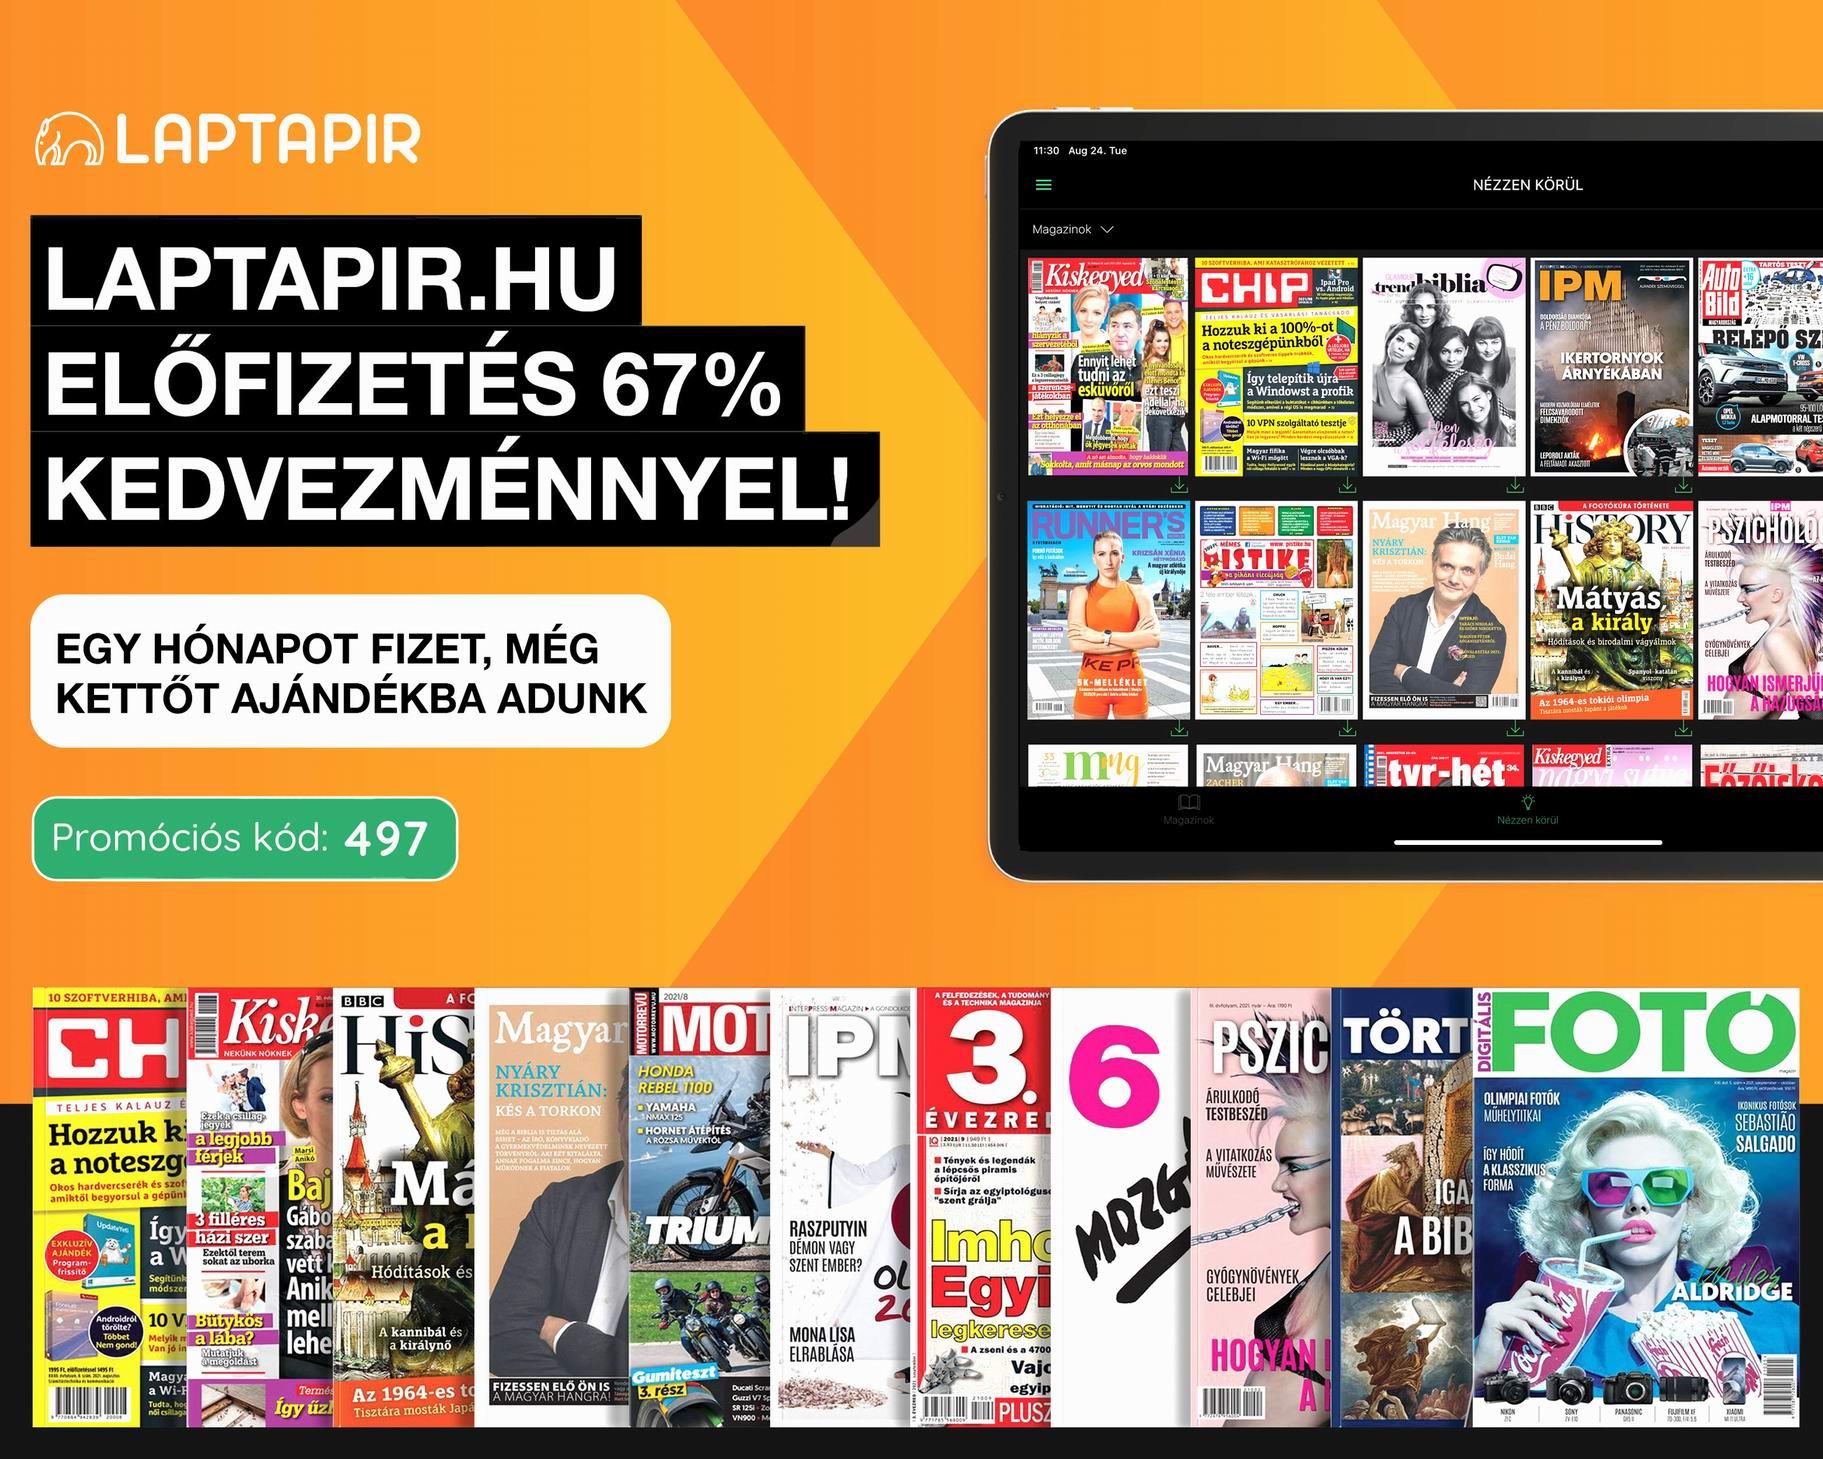 Most 67% kedvezménnyel olvashat 100 újságot havi 497 forintért a laptapir.hu oldalon!